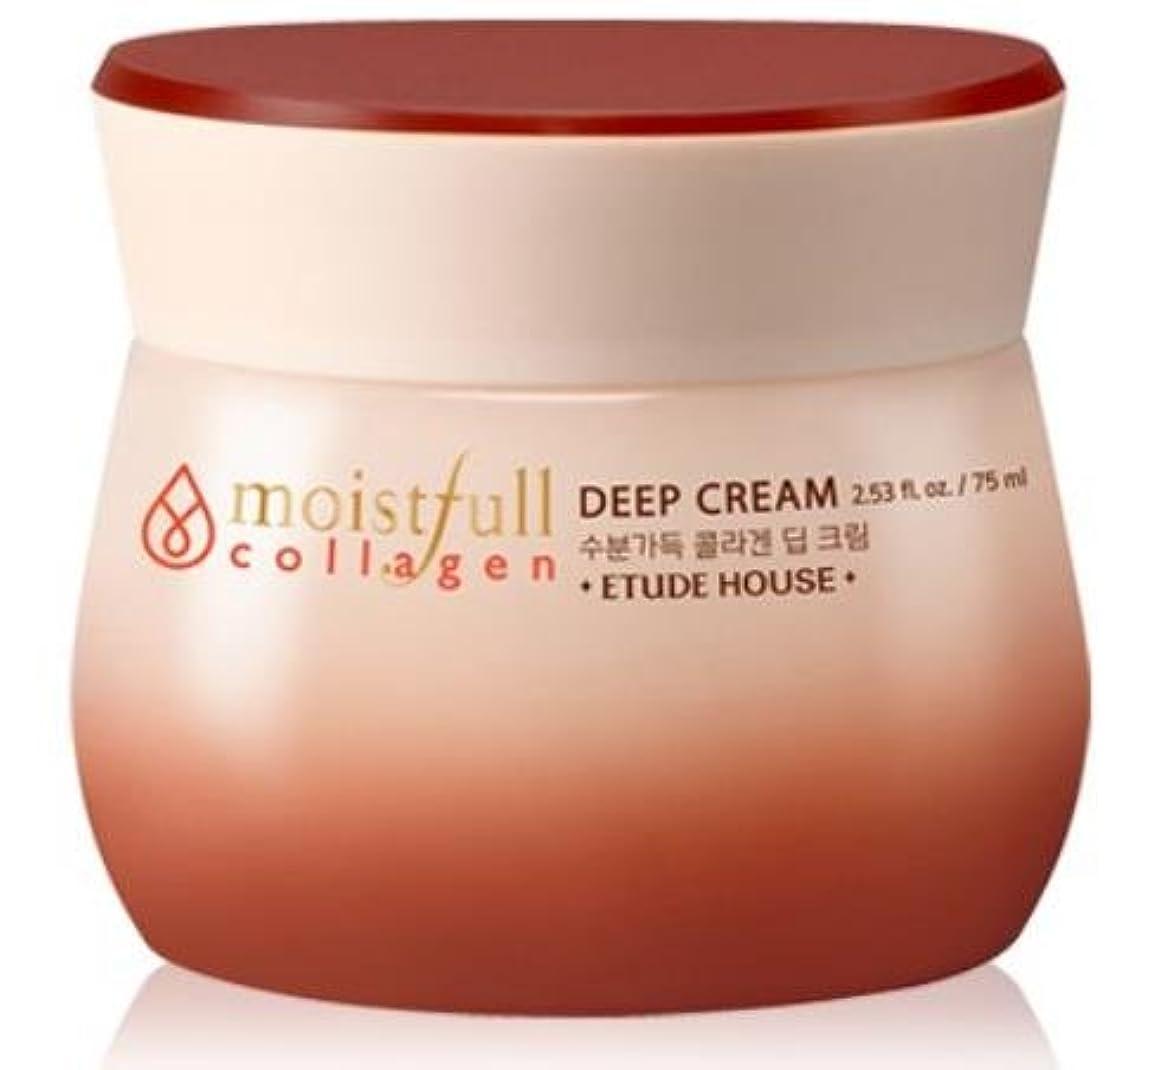 最大生物学落ち着かない[エチュードハウス] ETUDE HOUSE [モイストフルコラーゲ 深いクリーム] (Moistfull Collagen Deep Cream) [並行輸入品]